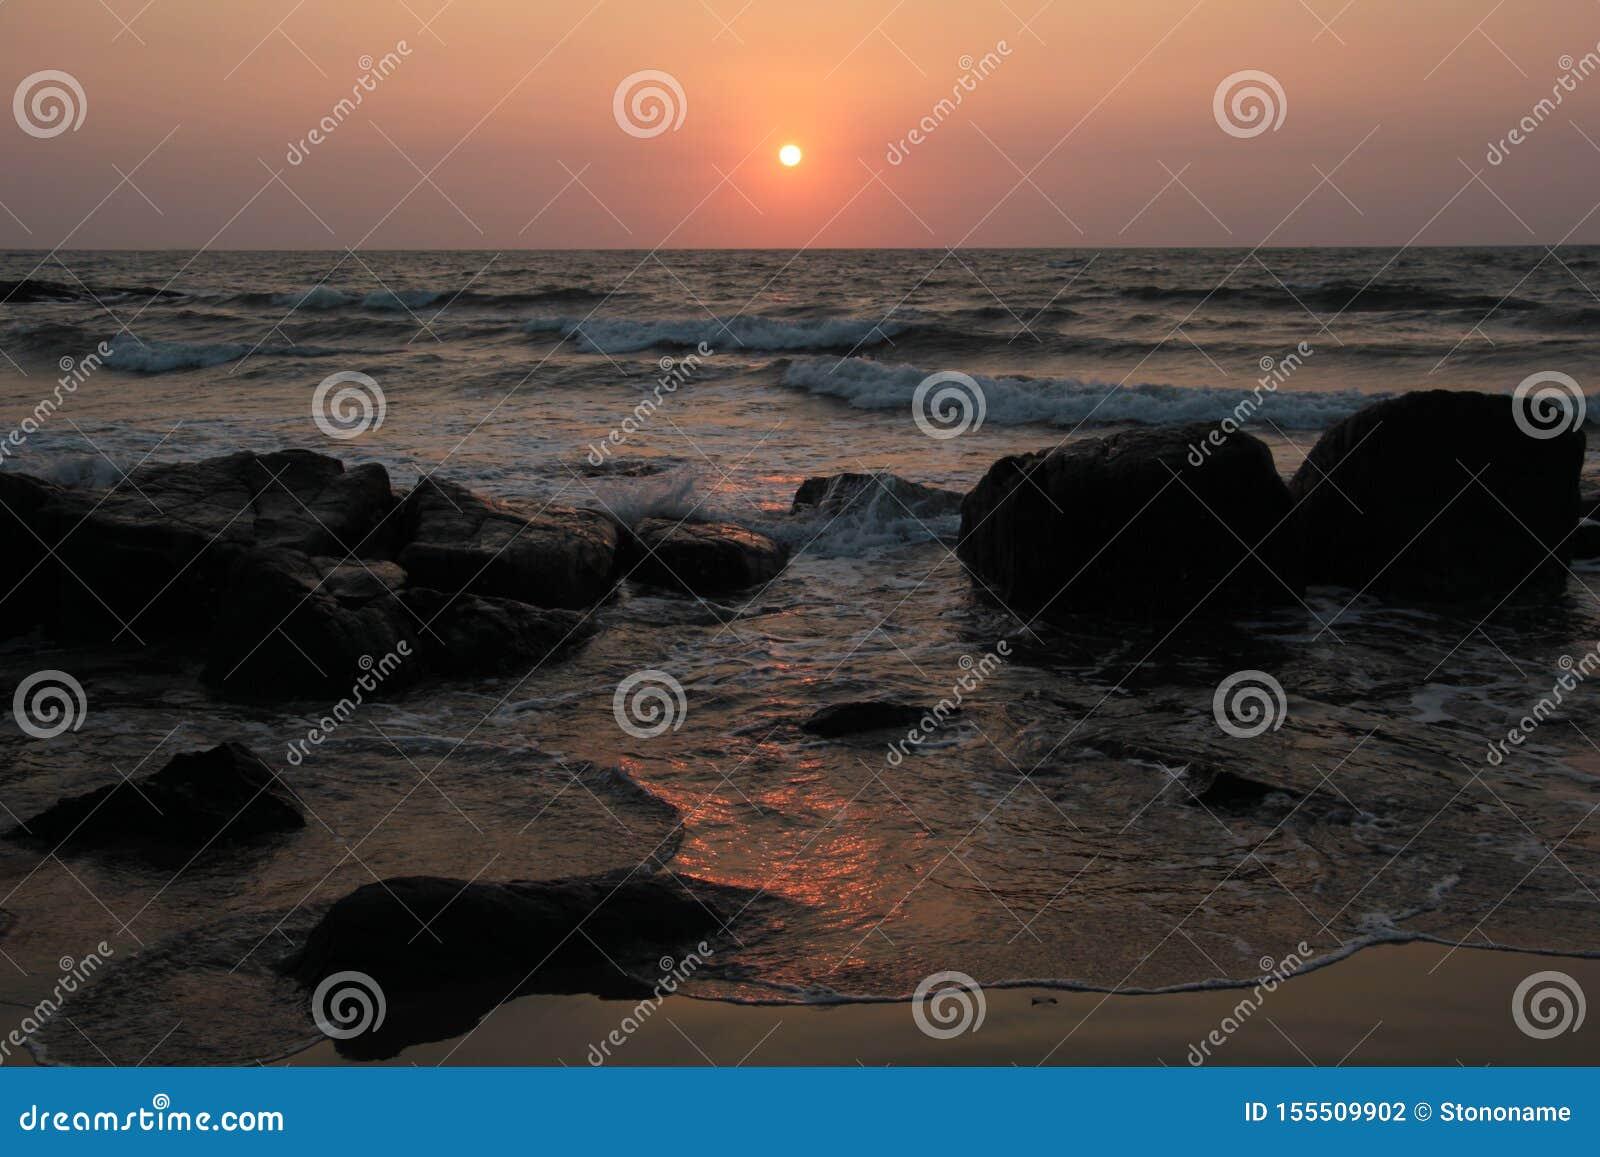 Czerwony zmierzch w koszcie z kamieniami ocean